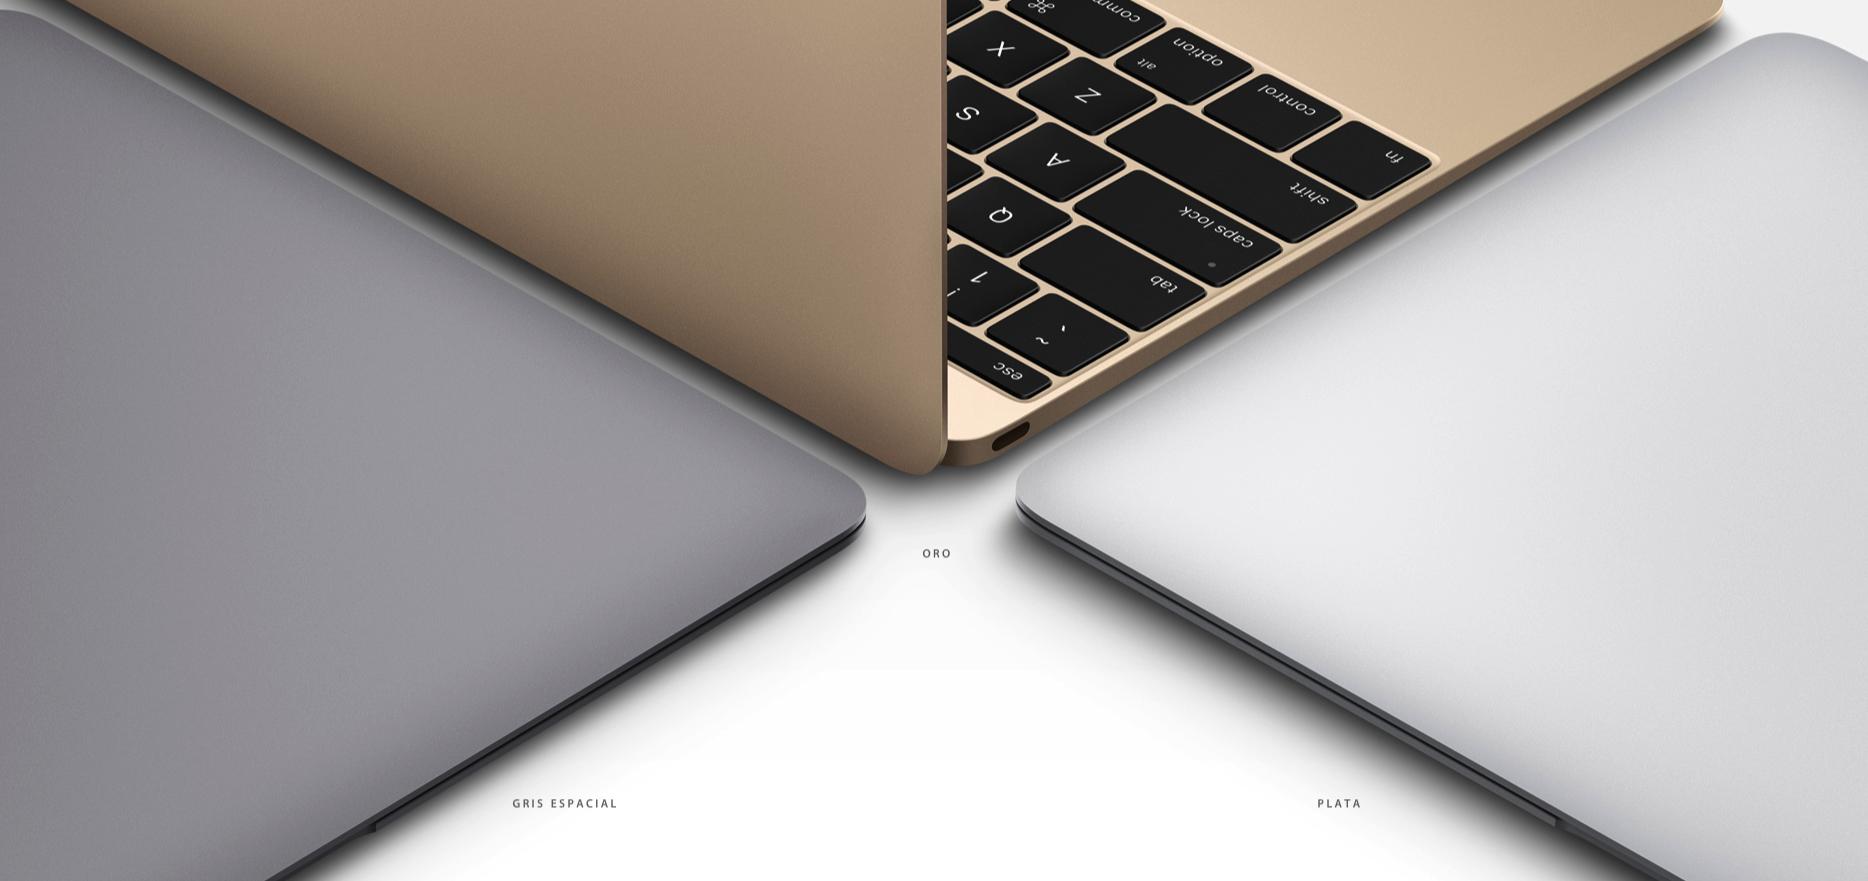 Nuevo MacBook disponible en 3 colores